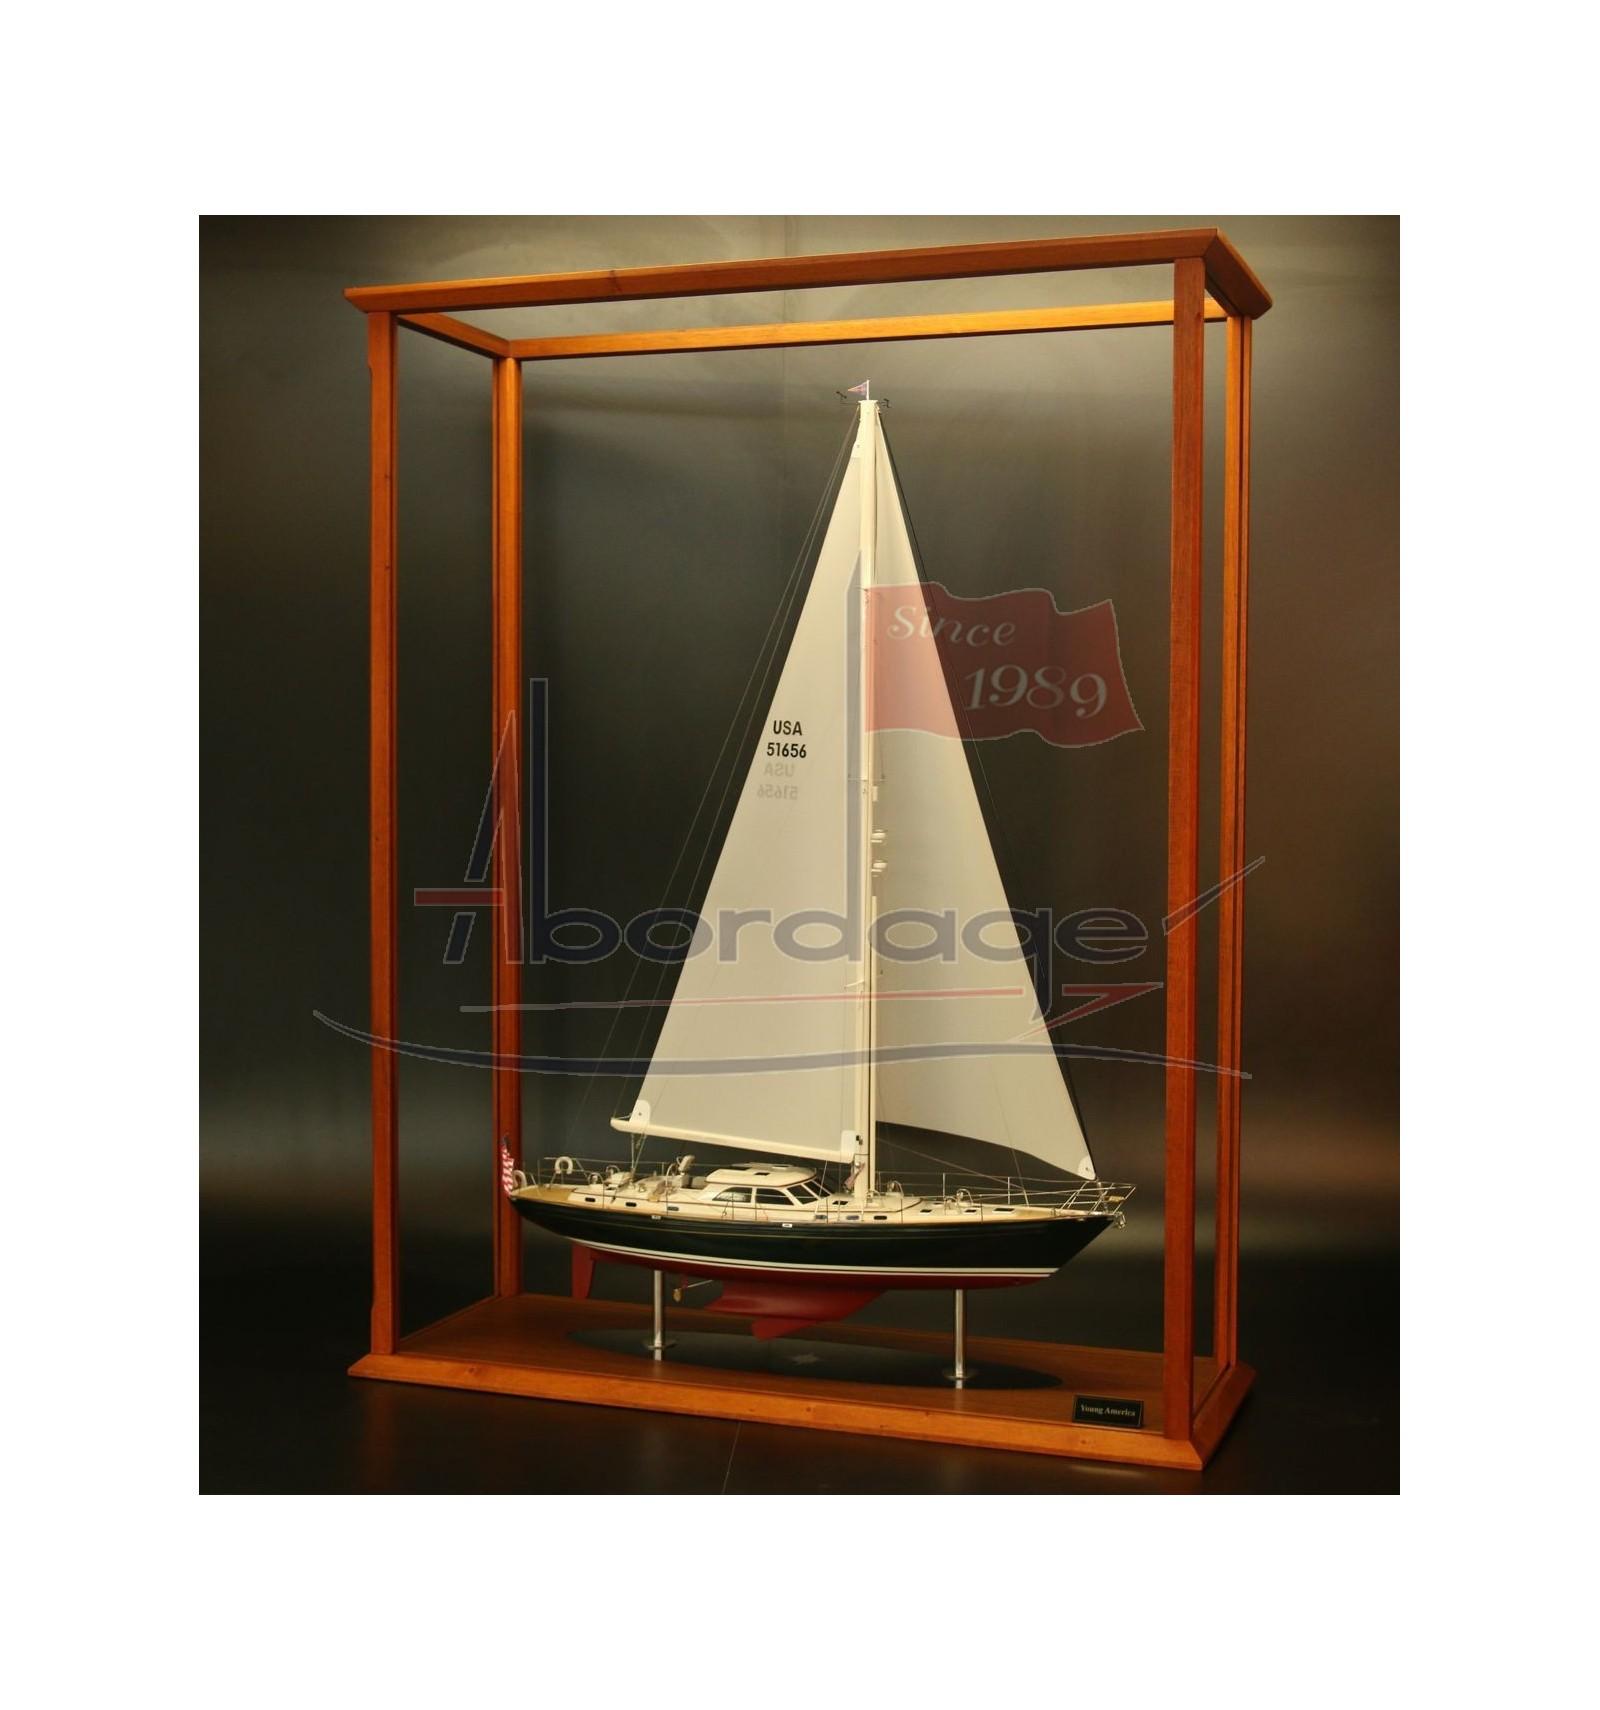 fontaine design 63 pilothouse sloop. Black Bedroom Furniture Sets. Home Design Ideas